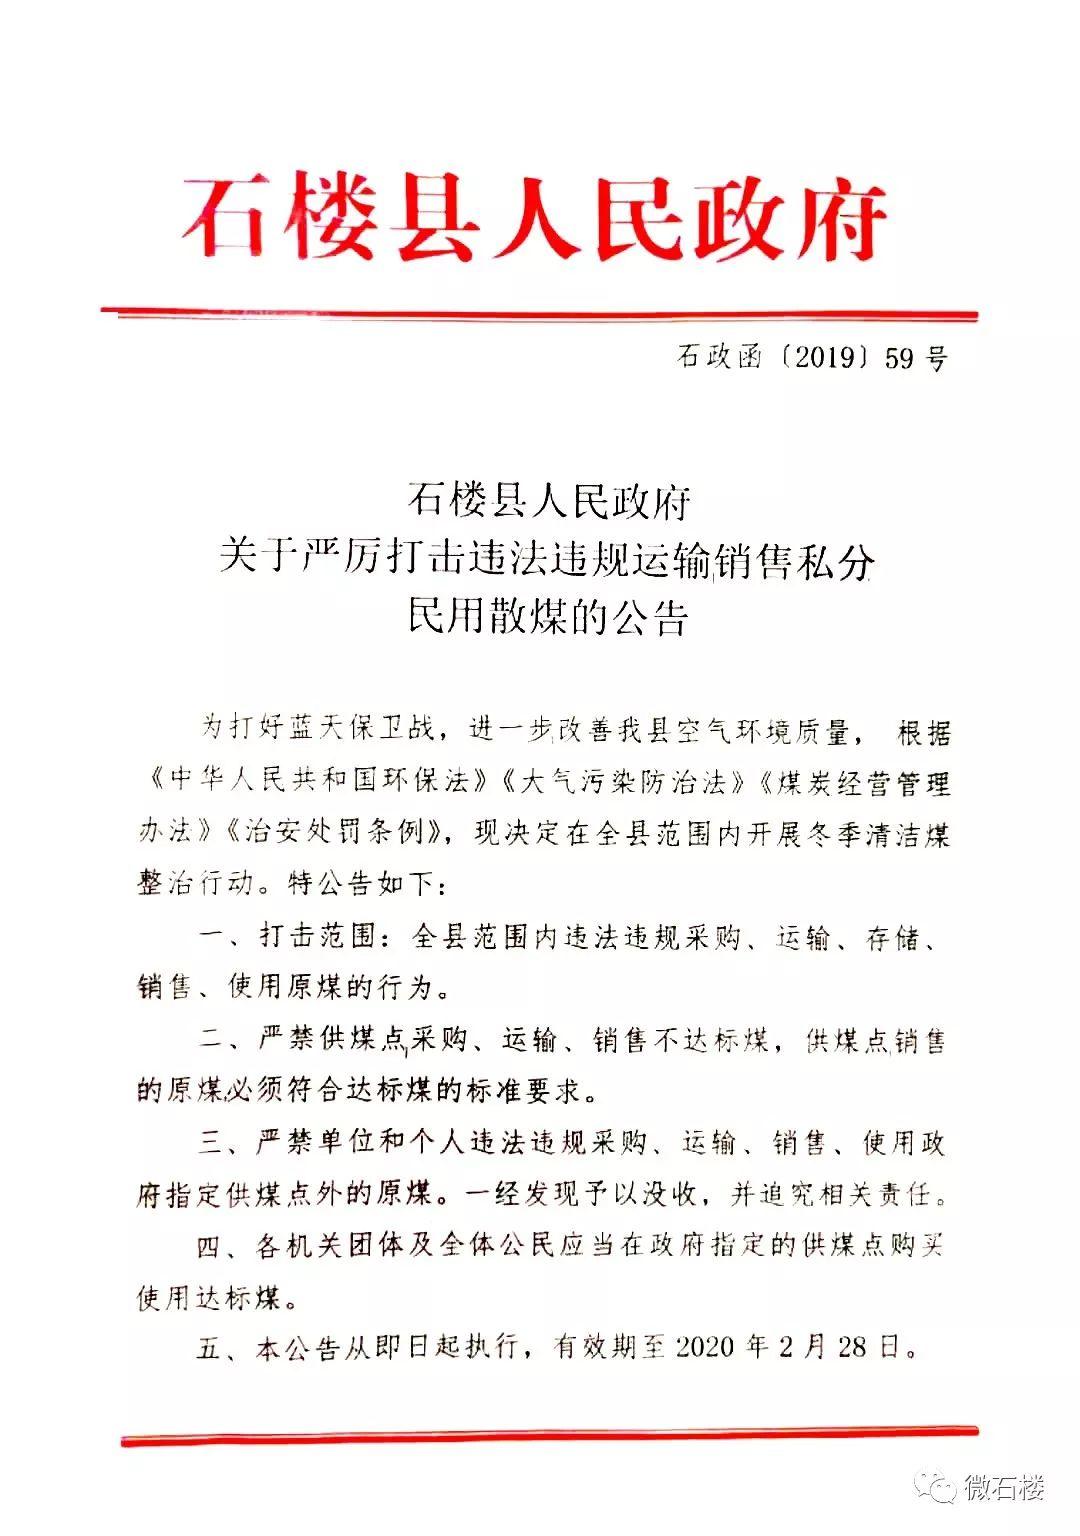 石�强h人民政府�P于���打�暨`法�`��\��N售私分民用散煤的公告